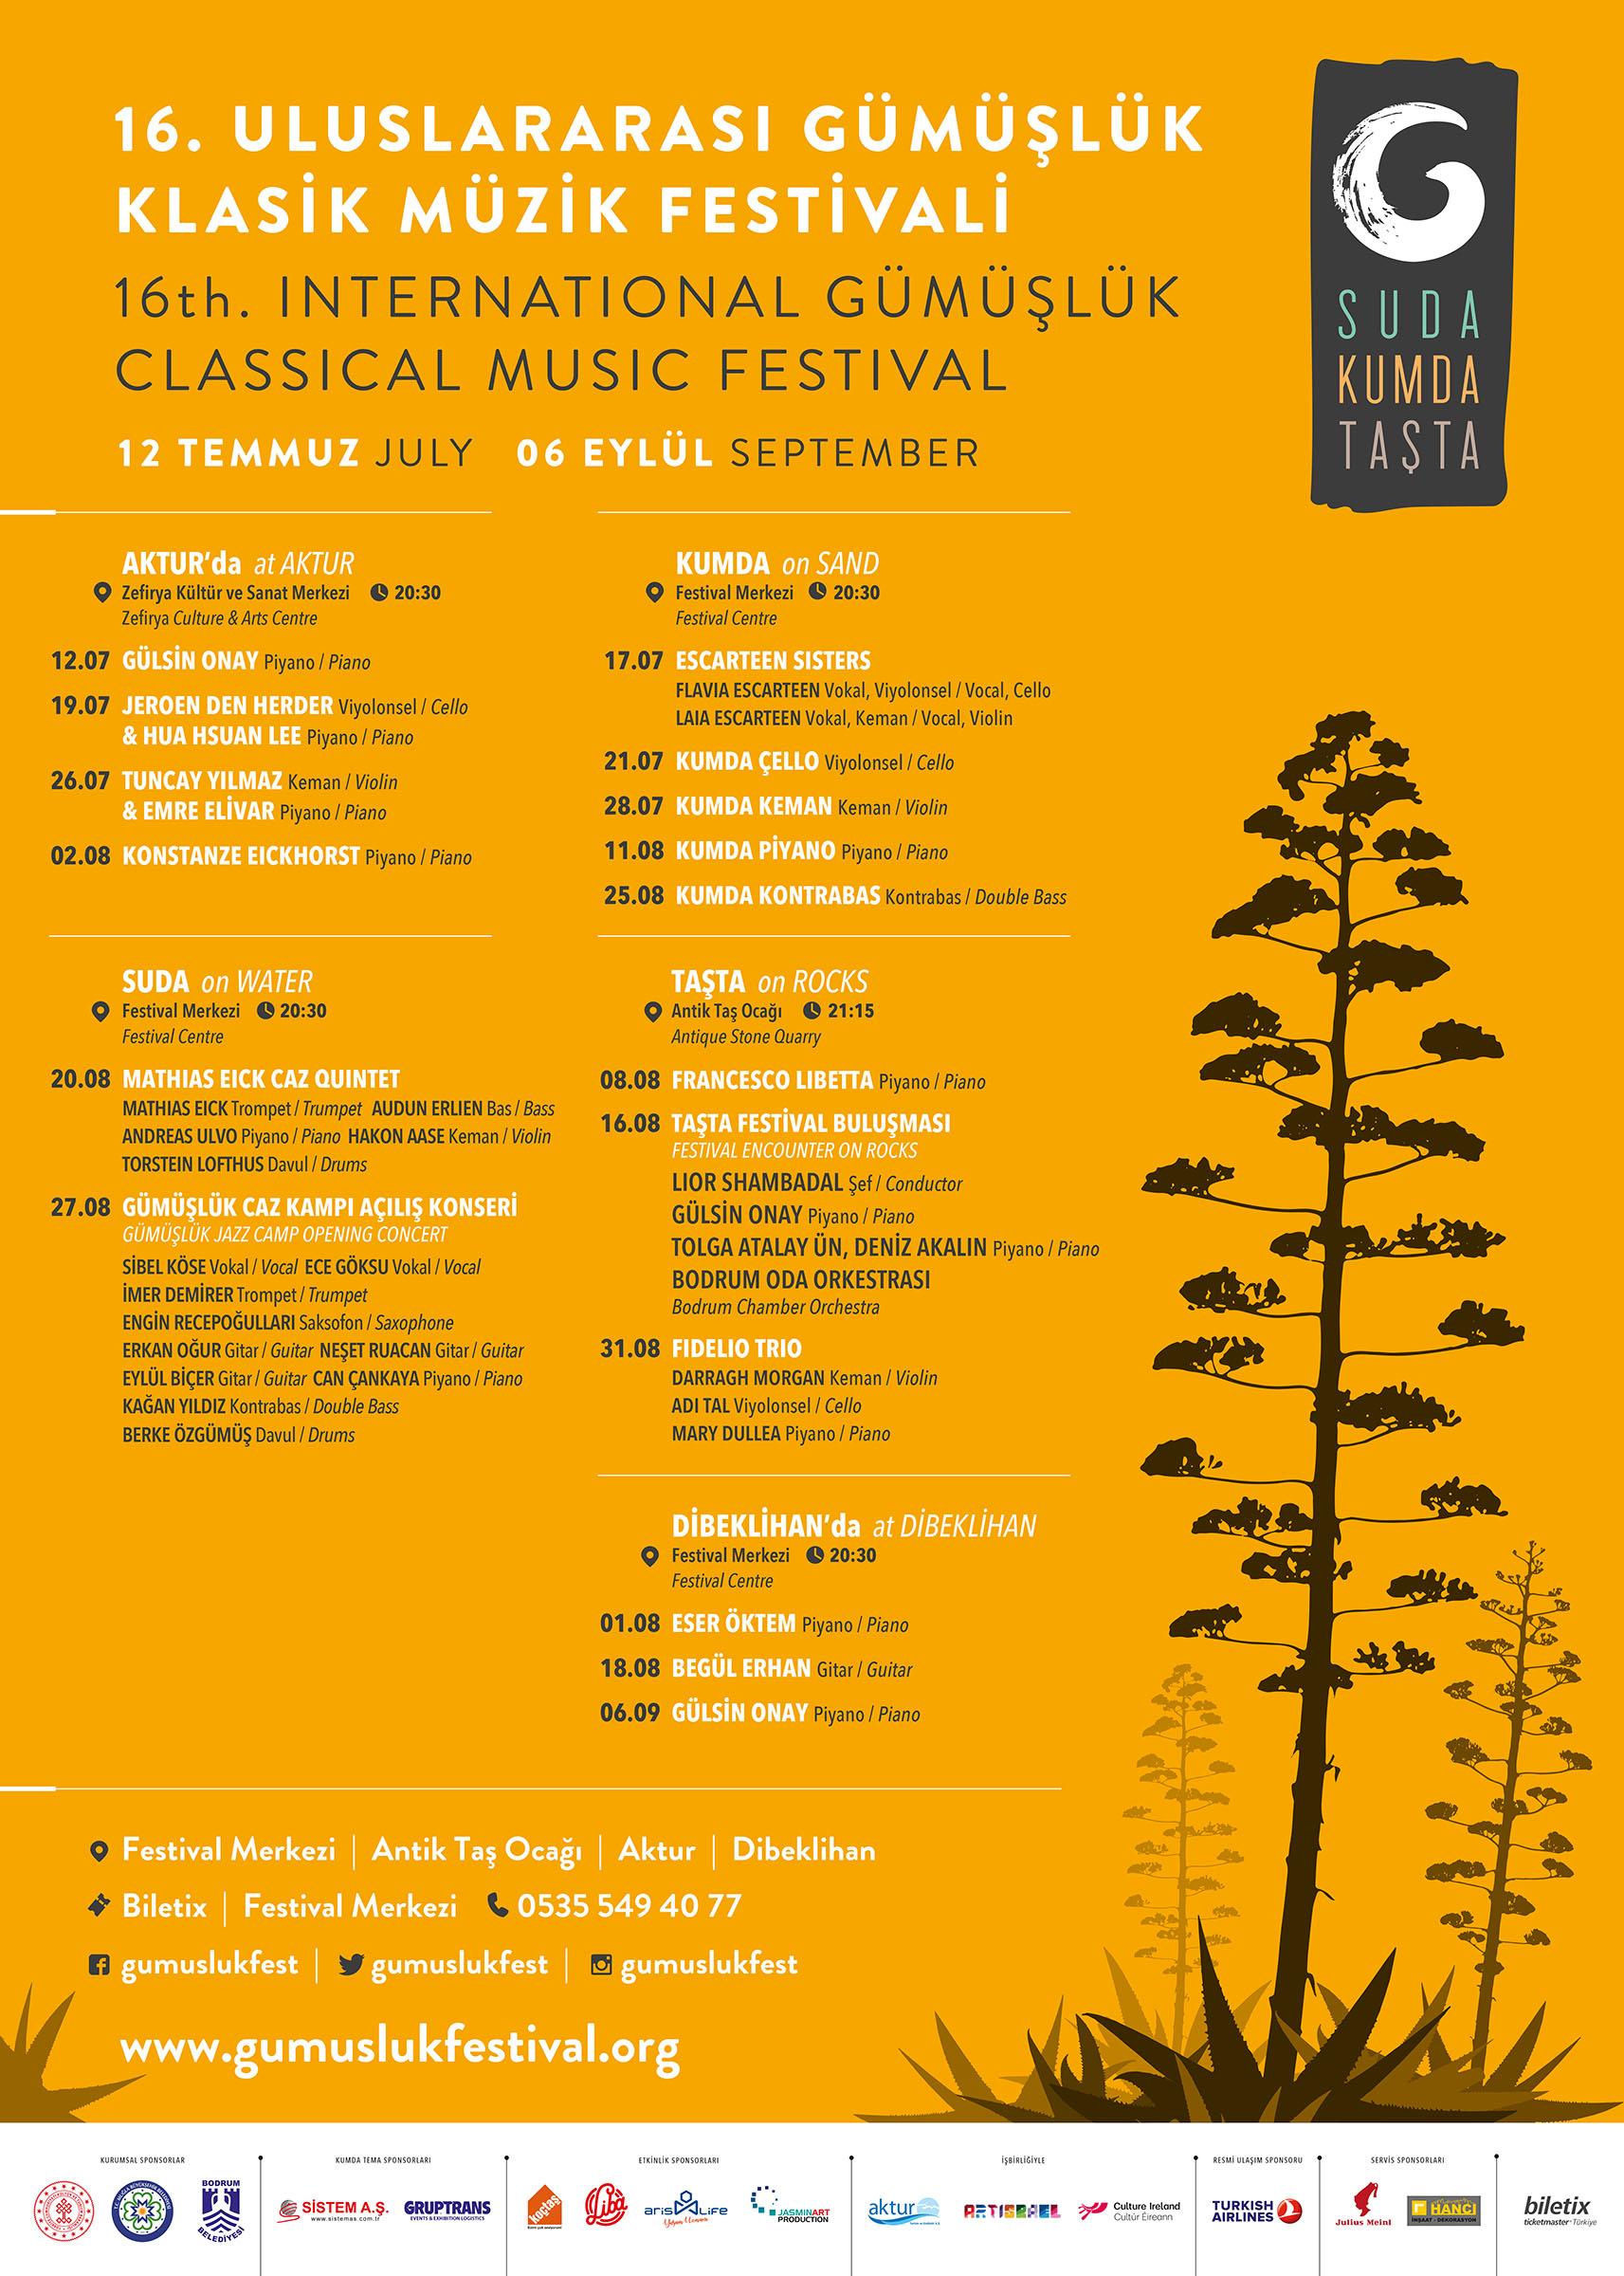 klasik-muzik-festivali